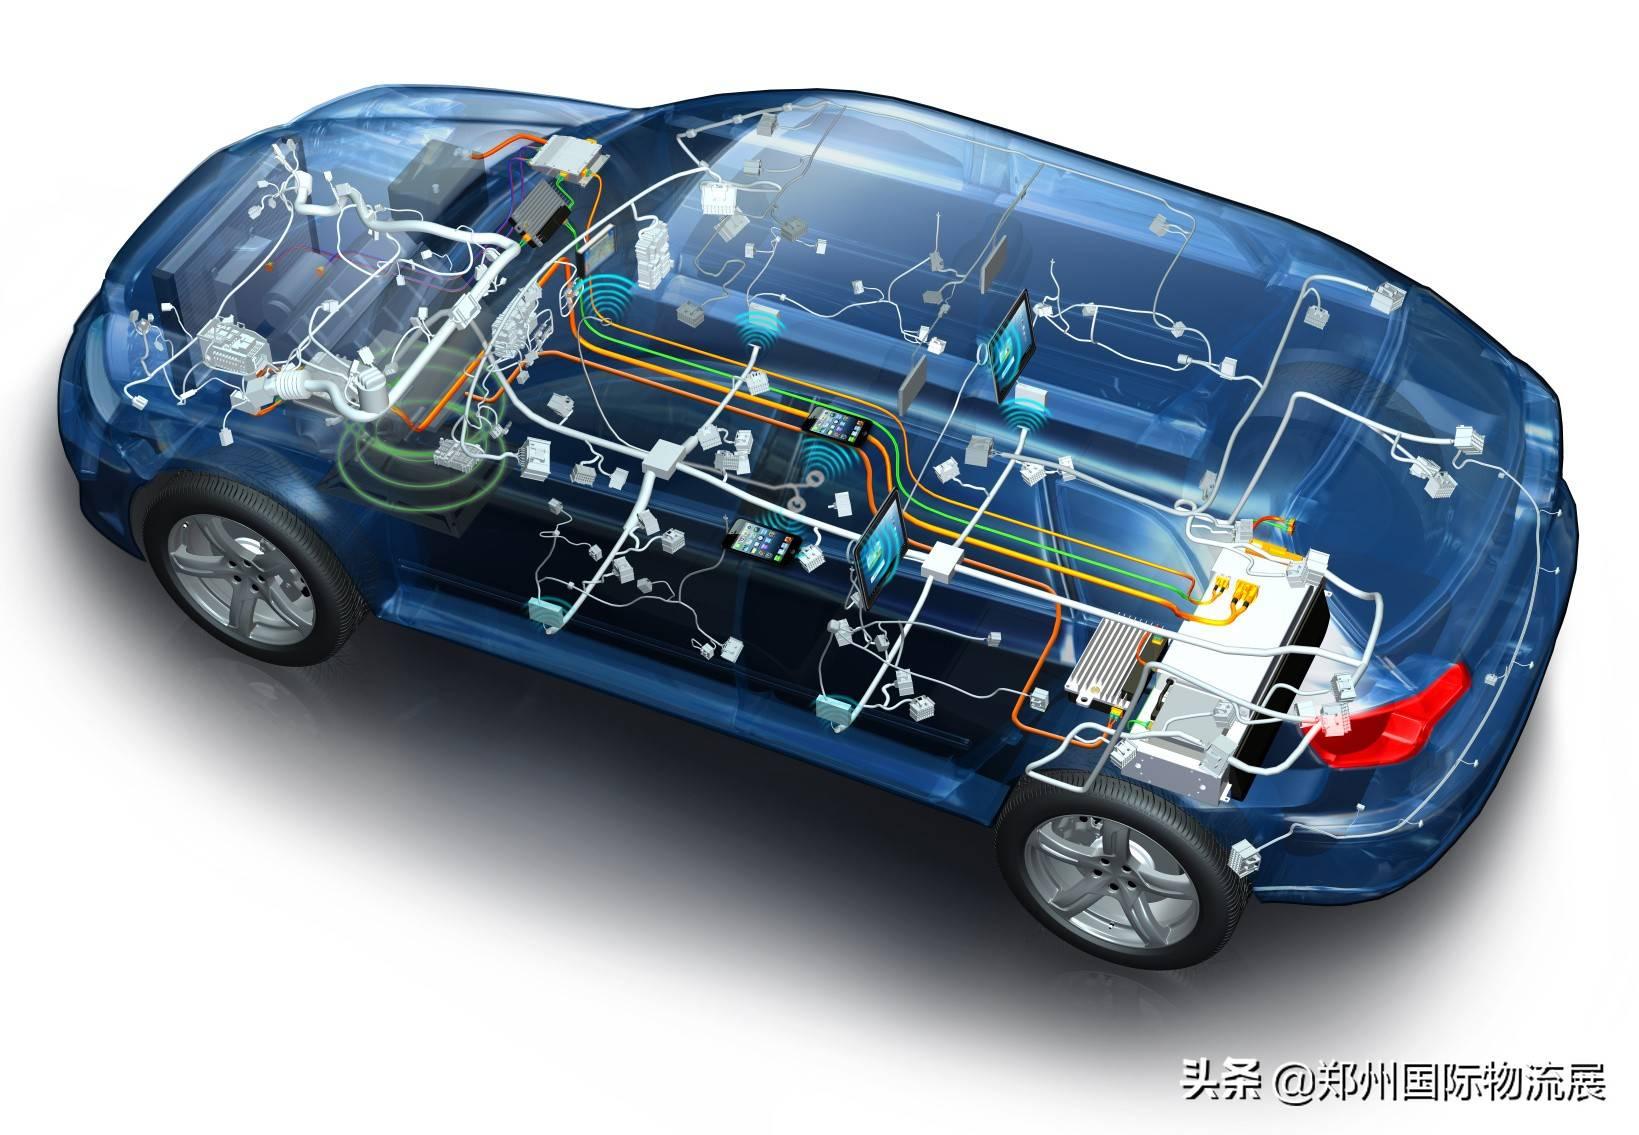 2021郑州物流展:新能源车之混合动力汽车